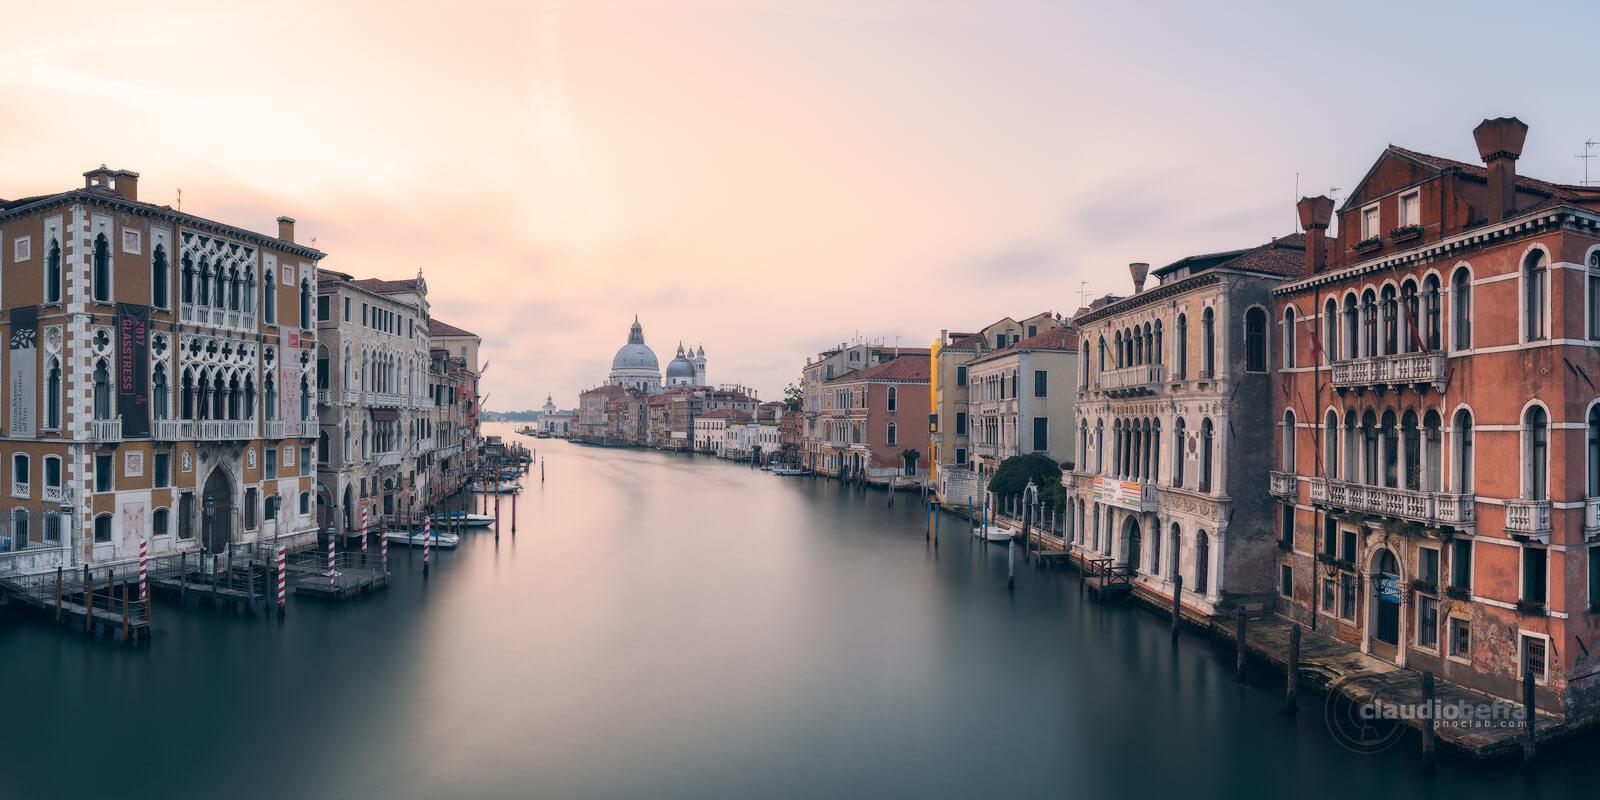 Sunrise, Venice, Venezia, Italy, Canal Grande, Grand Canal, Basilica, Santa Maria della Salute, Architecture, Art, Long Exposure, Panorama, Fine Art